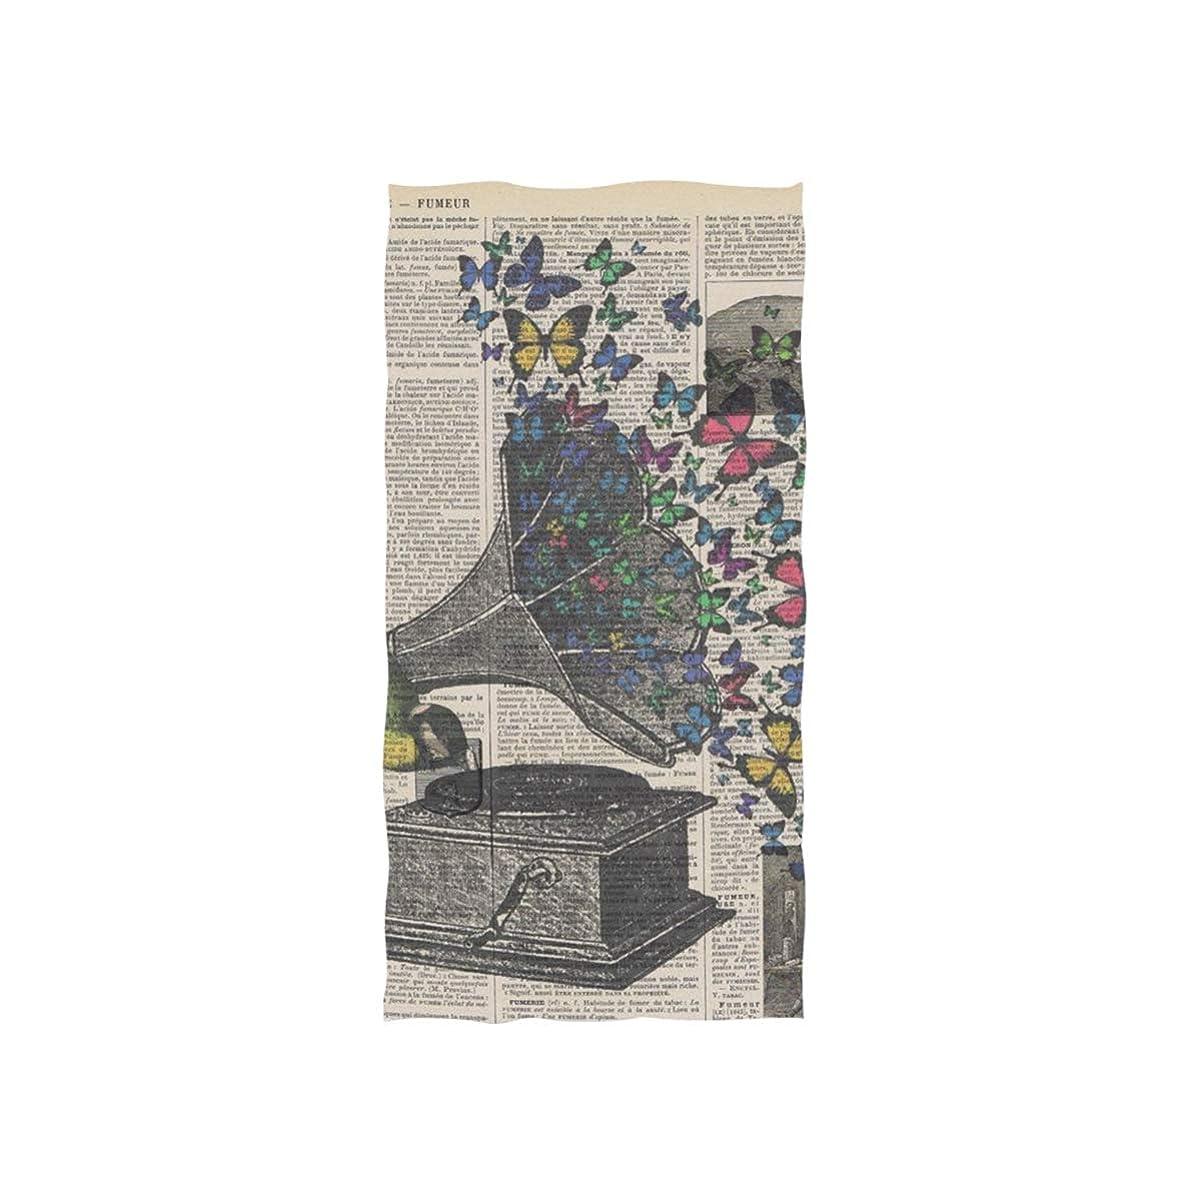 失望パースブラックボロウ村フェイスタオル カラフルの蝶 蓄音機 タオル マイクロファイバー 乾き早い 吸水 抗菌防臭 柔らか肌触り ふわふわスポーツタオル 業務用 家庭用 約76cm x 38cm